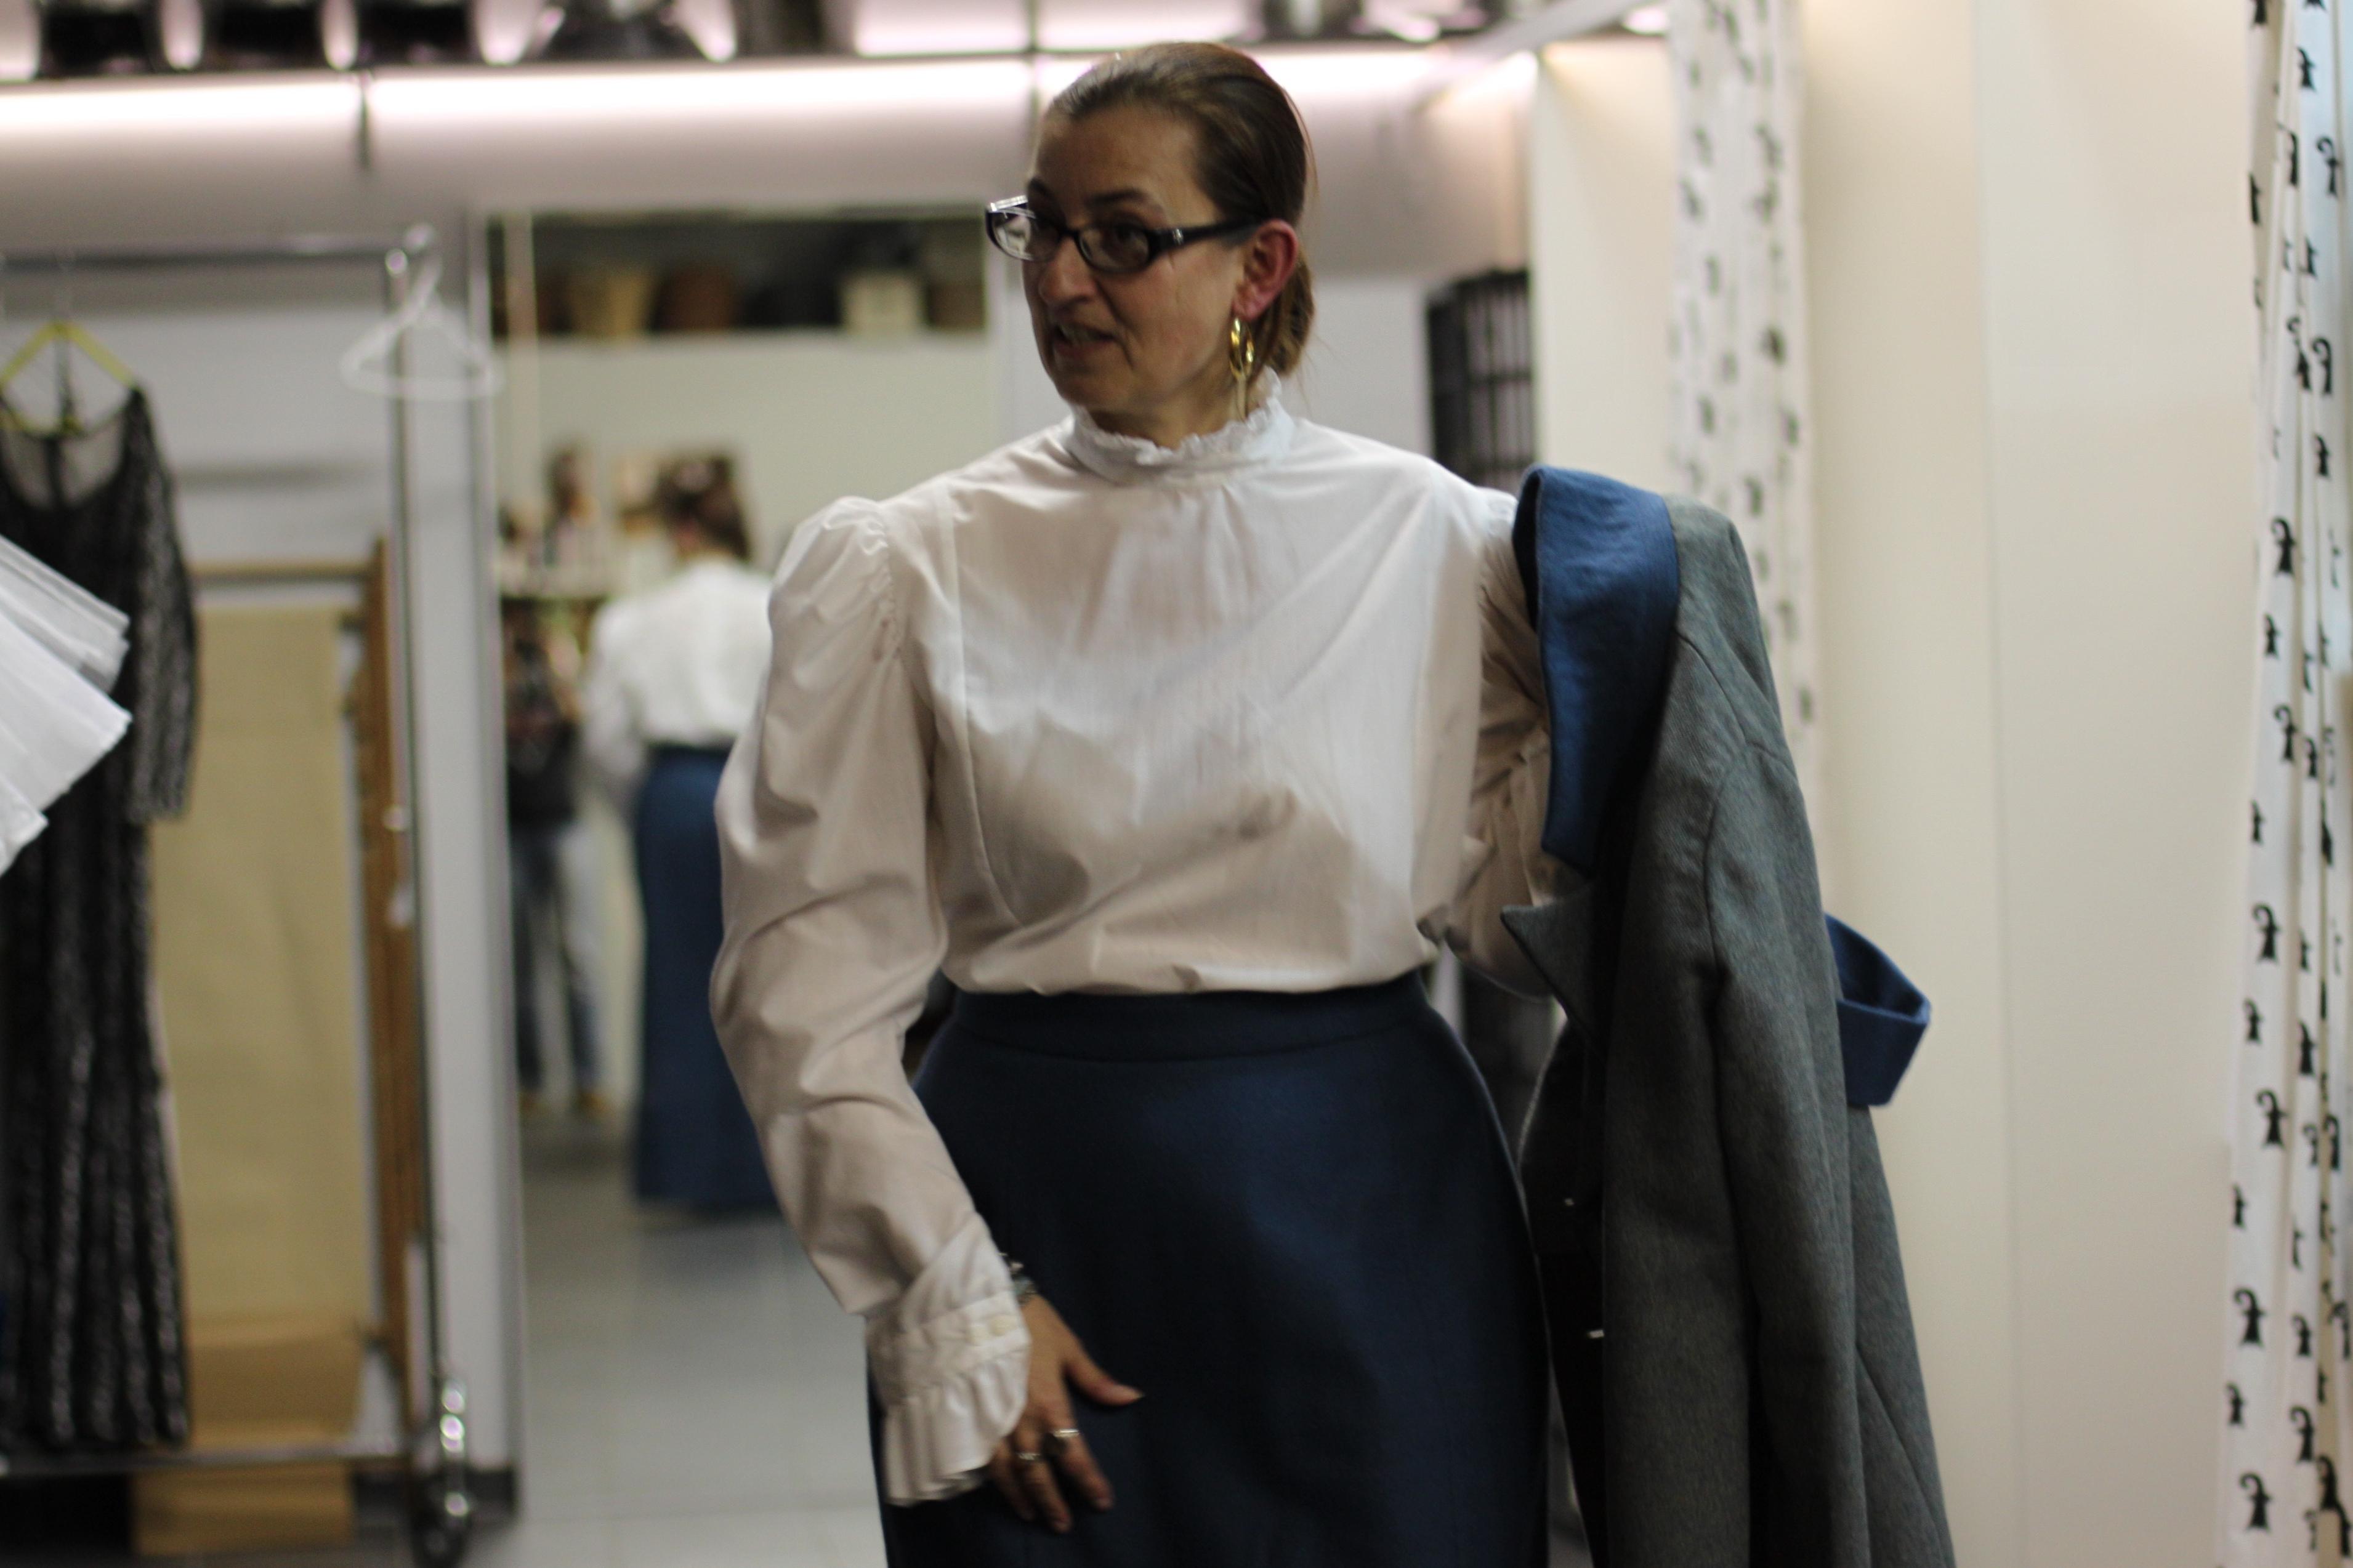 Knöchellanger Rock und weisse Bluse:einWinter-Outfit der Belle Epoque.